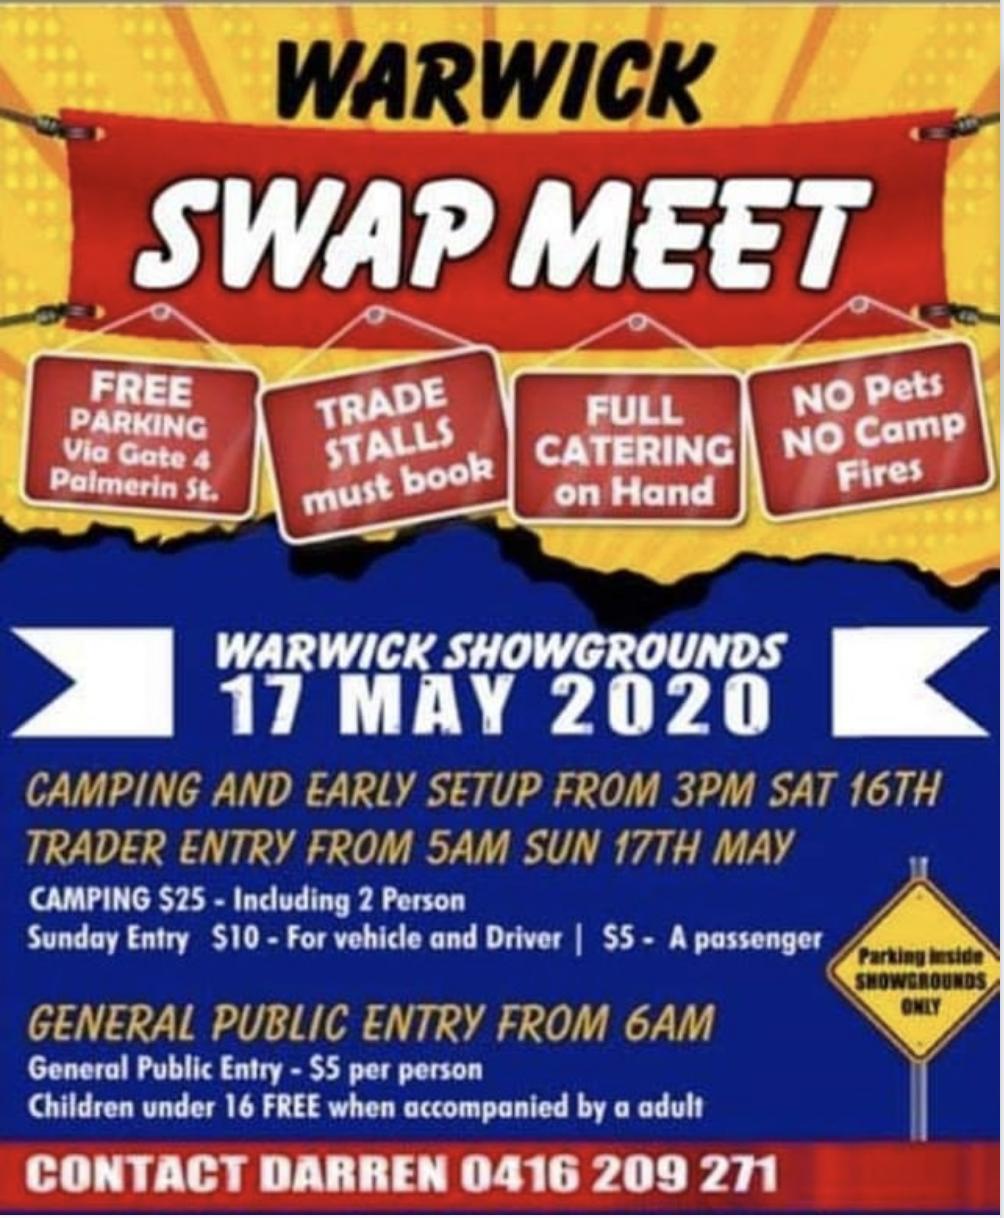 Warwick Swapmeet 2020 @ Warwick Showgrounds | Warwick | Queensland | Australia